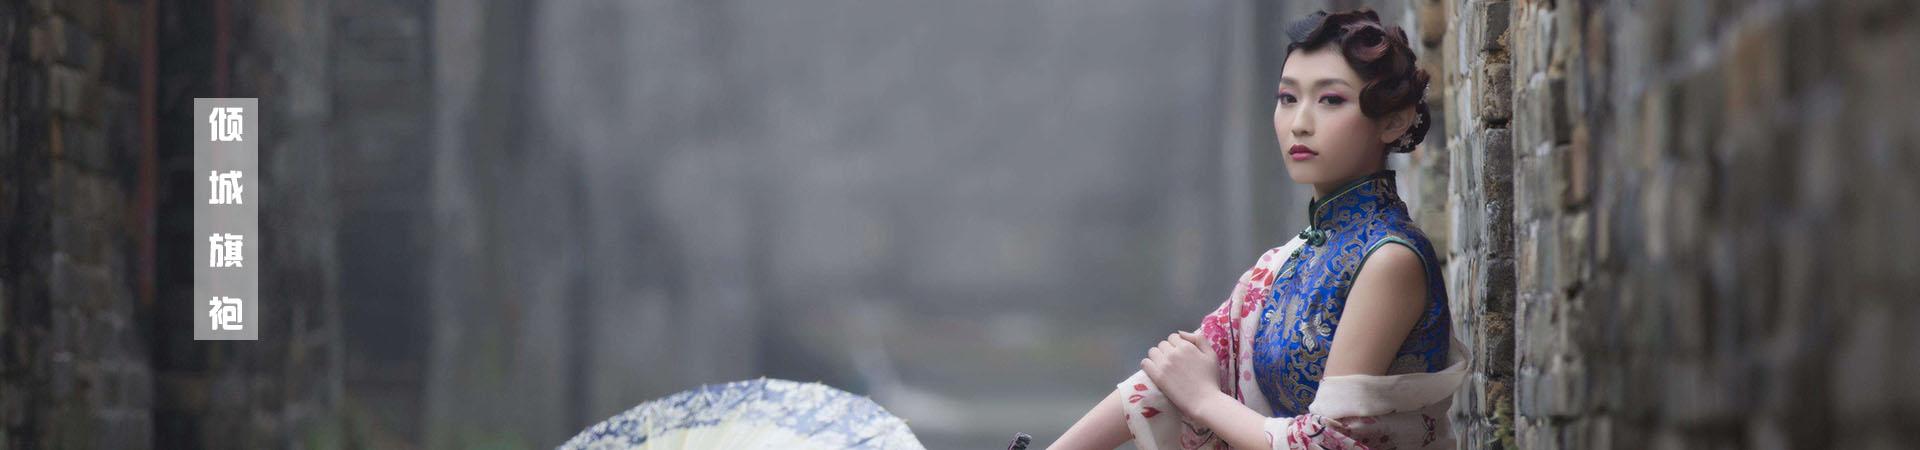 寻根旗袍的美,旗袍的文